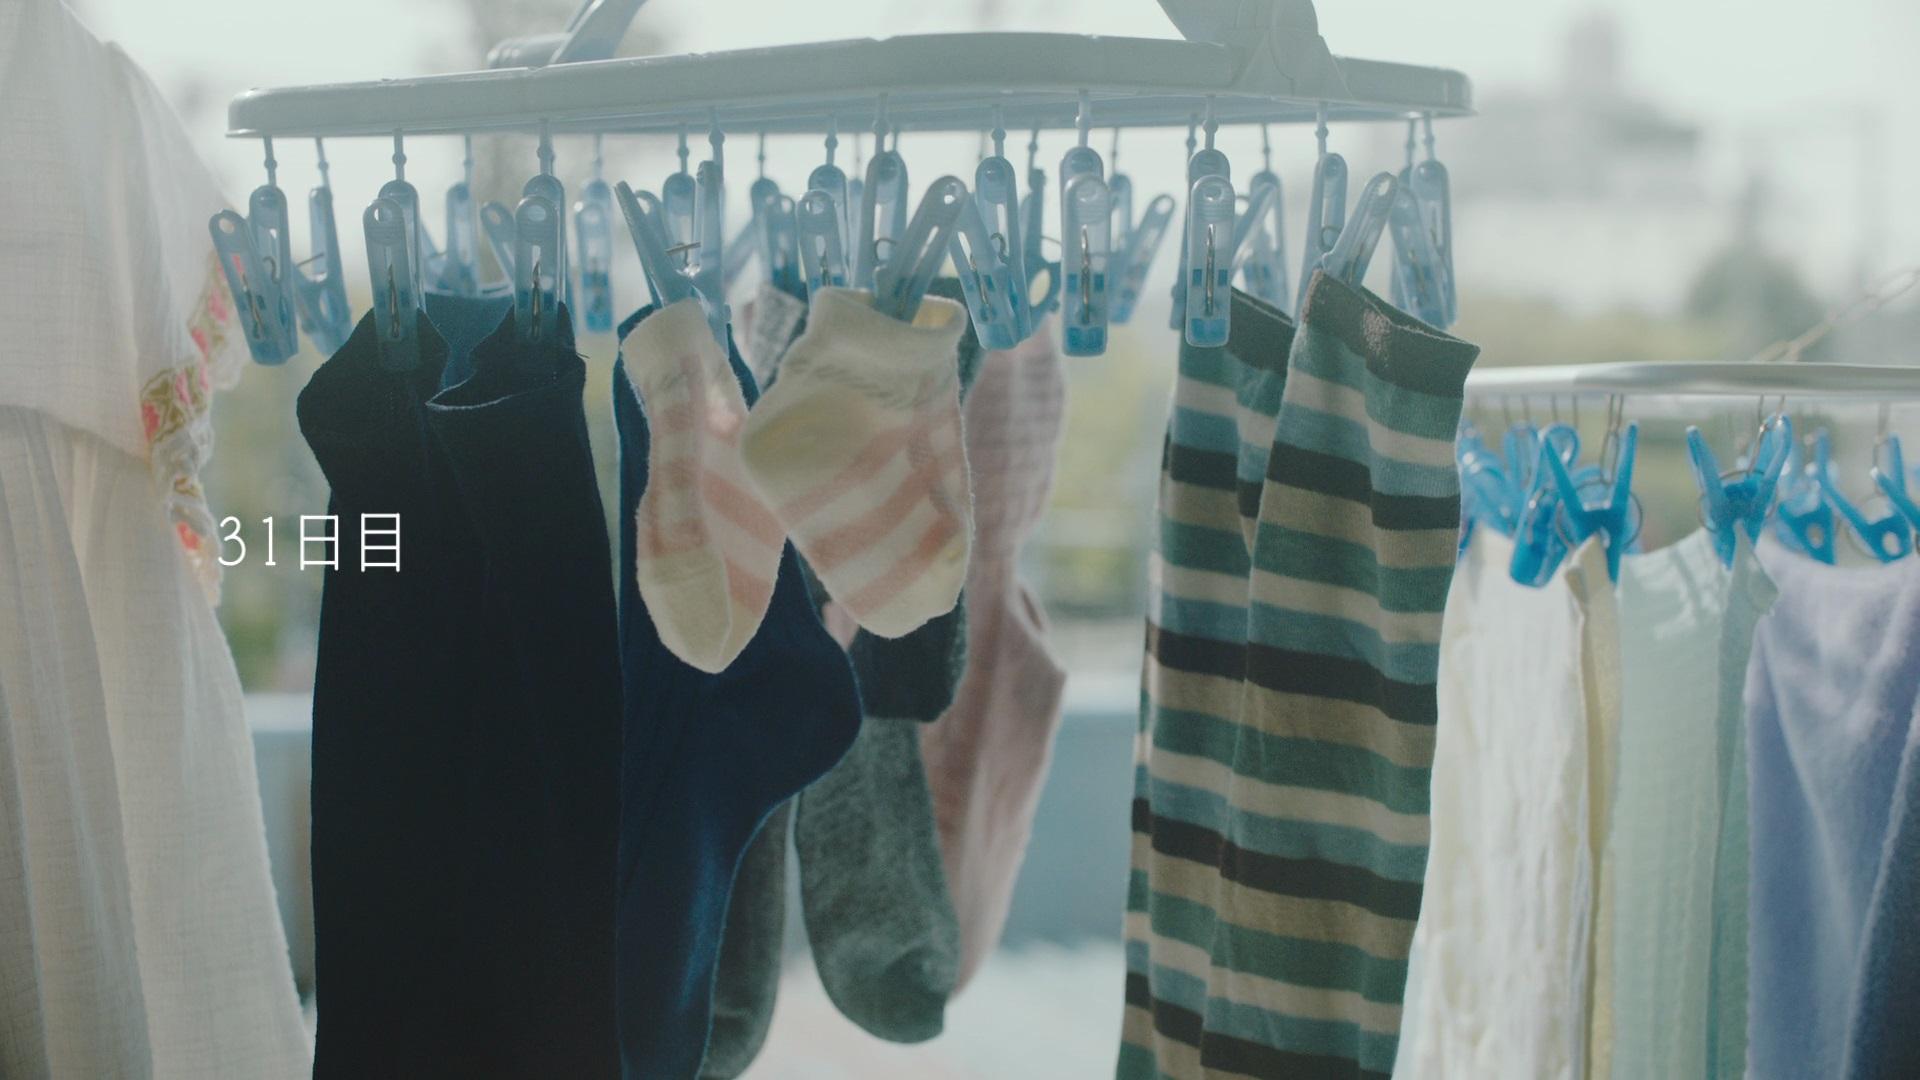 「31日目 ちっちゃな靴下を洗った」